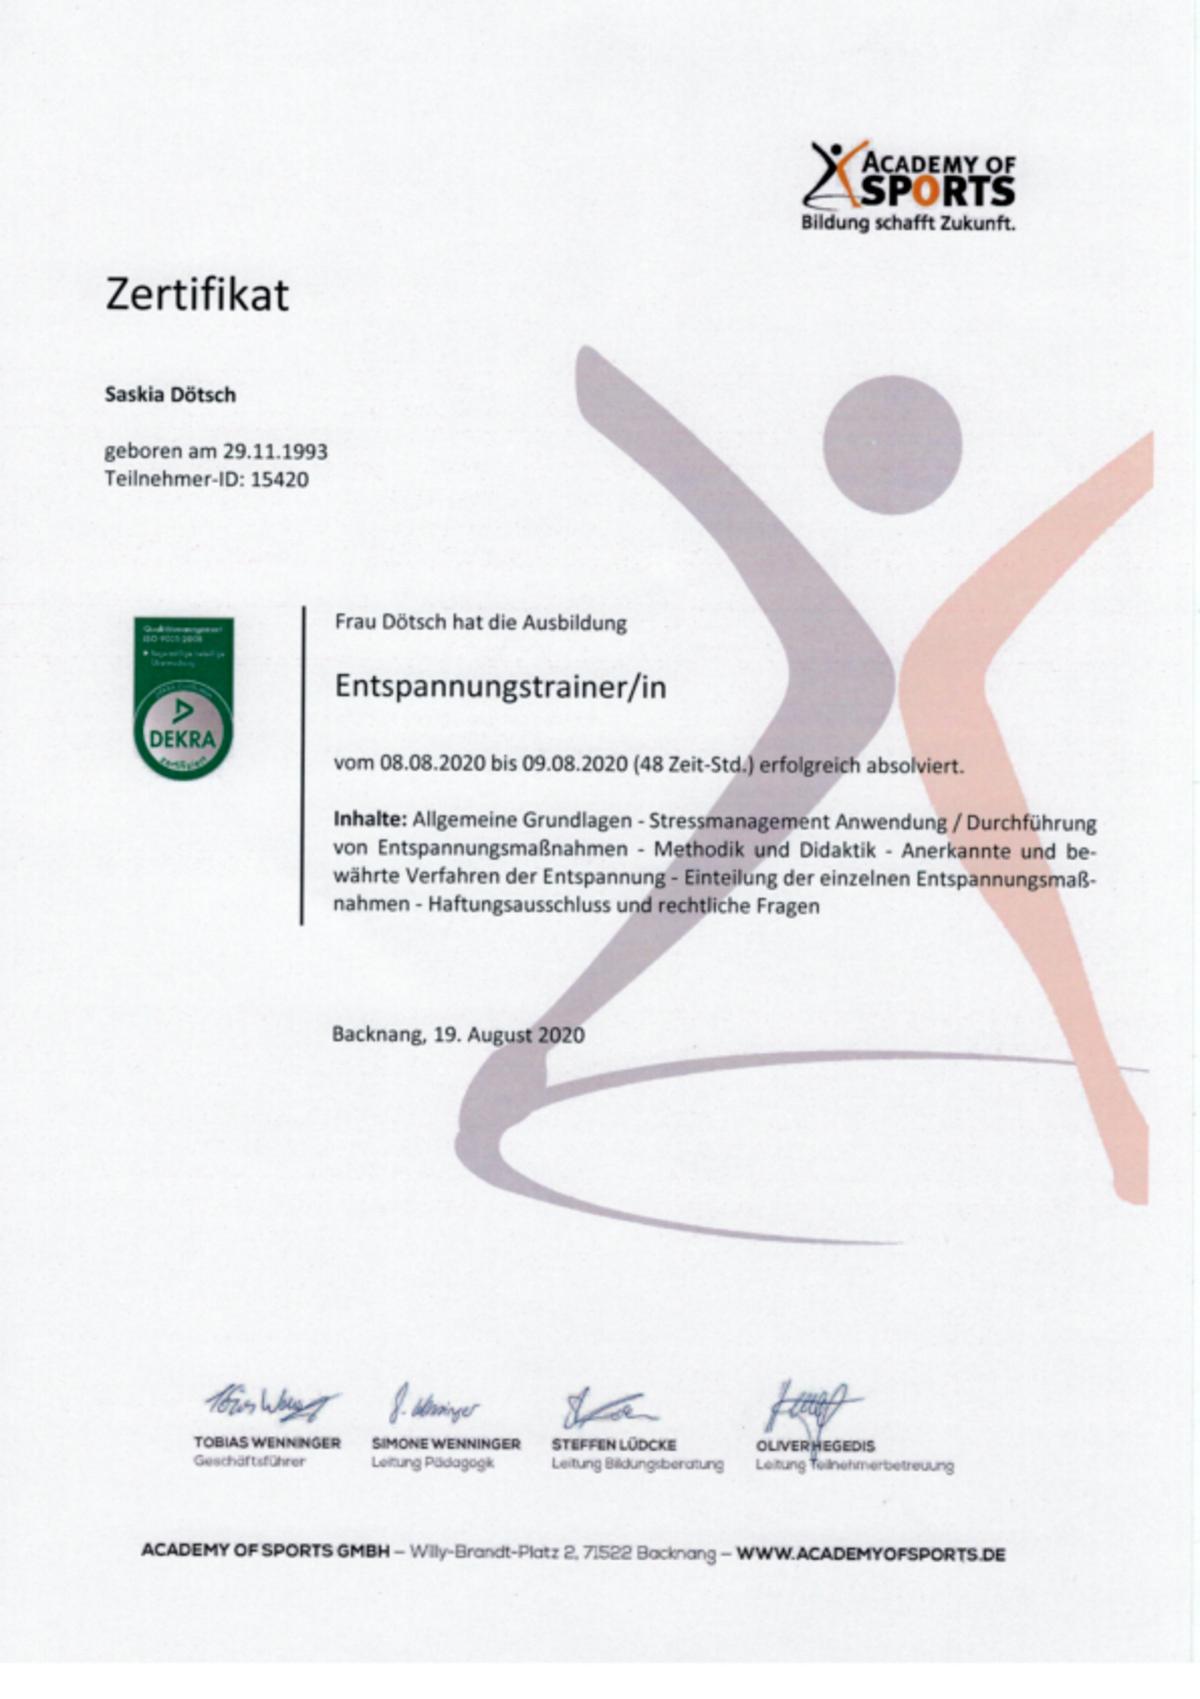 Zertifikat zur Ausbildung zum Entspannungstrainer